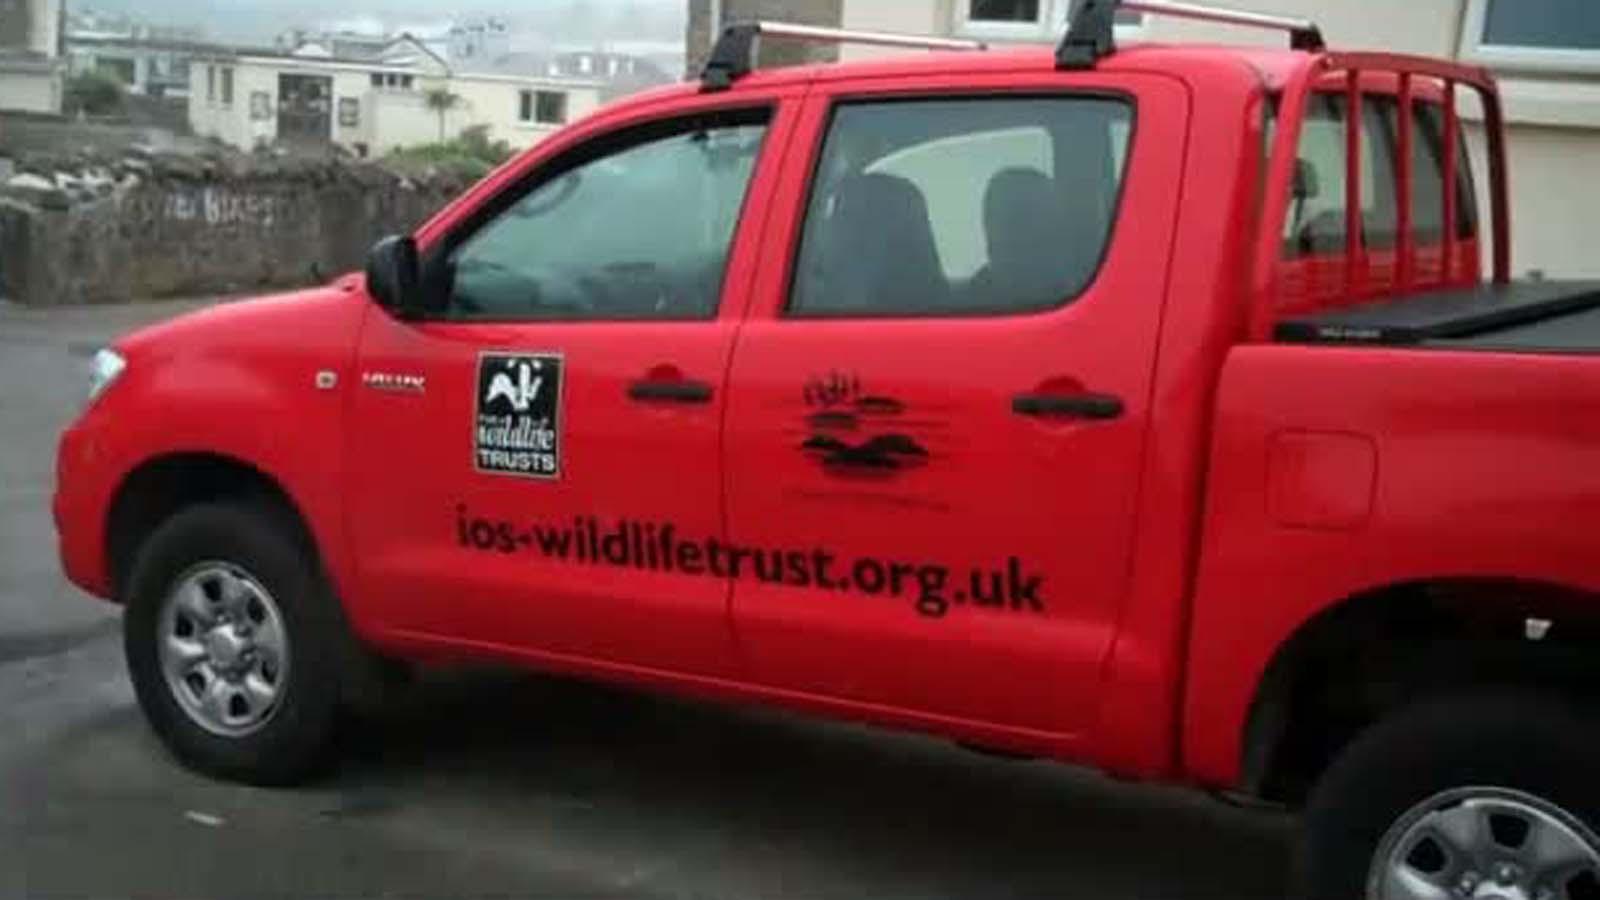 wildlife trust car